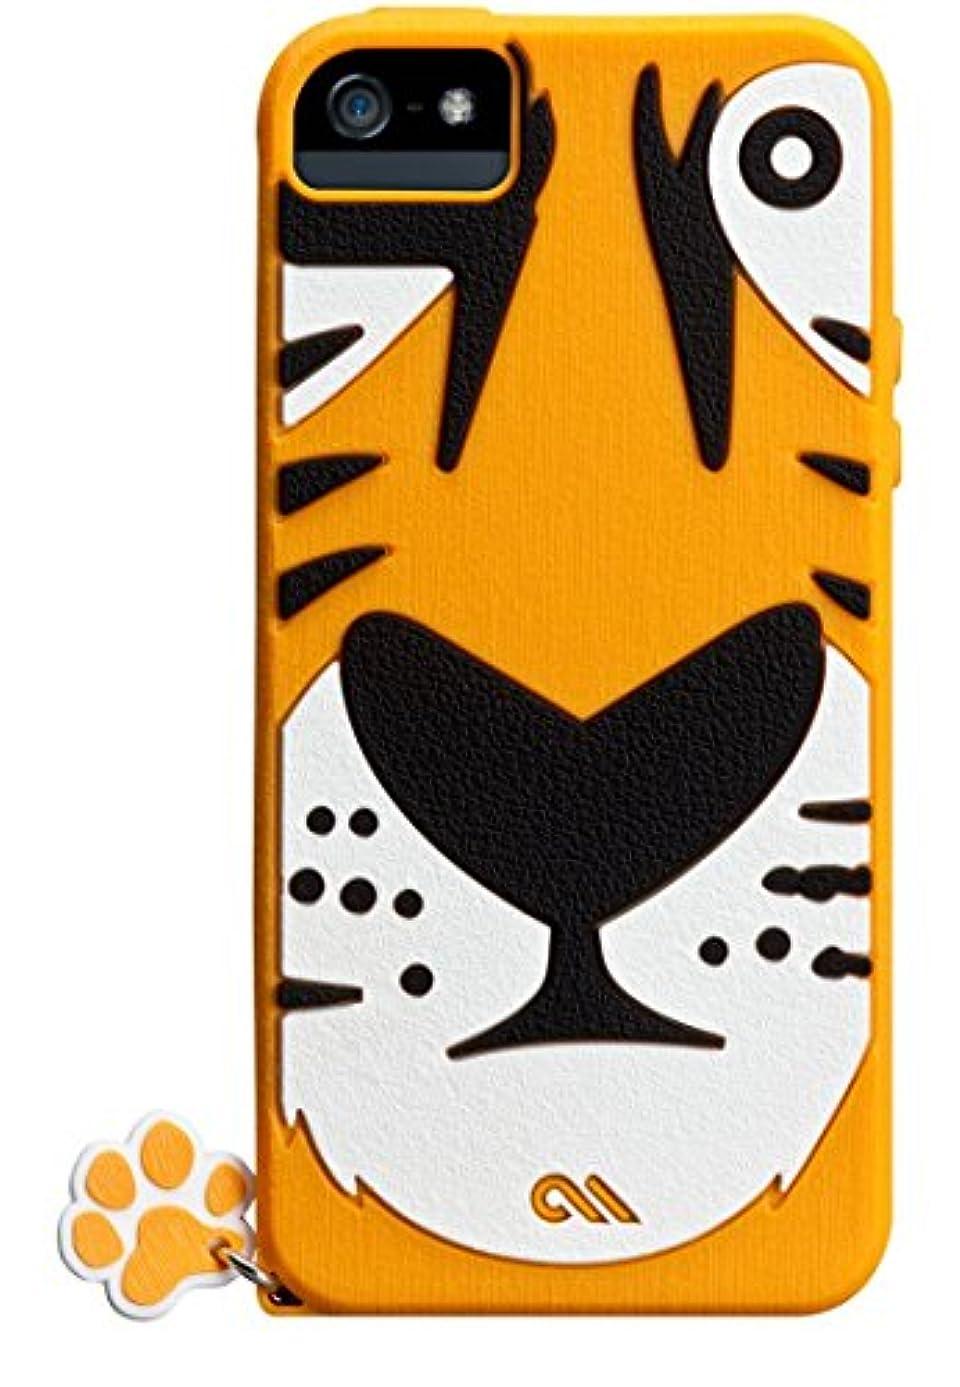 名義でアラビア語不良品Case-Mate 日本正規品 iPhoneSE / 5s / 5 CREATURES: Tigris Case, Yellow クリーチャーズ: チグリス シリコン ケース, イエロー CM022553